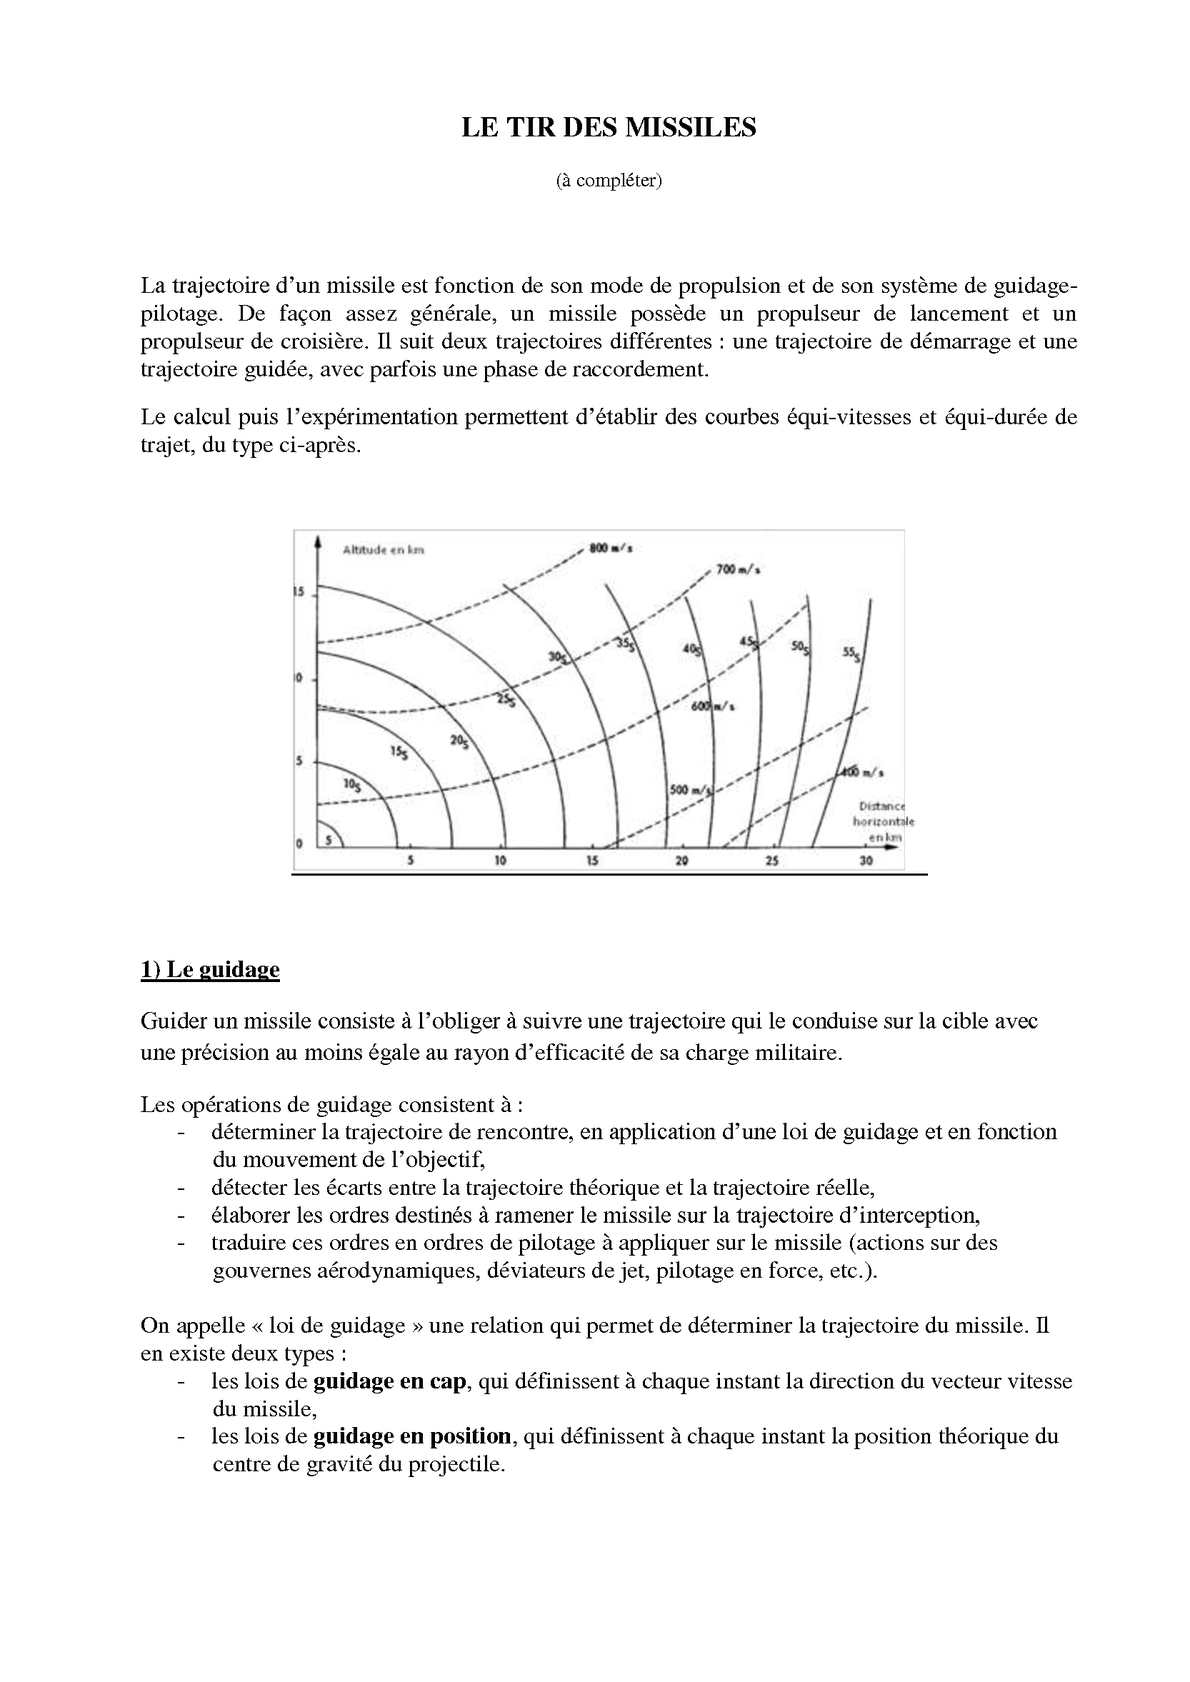 LE TIR DES MISSILES (2)